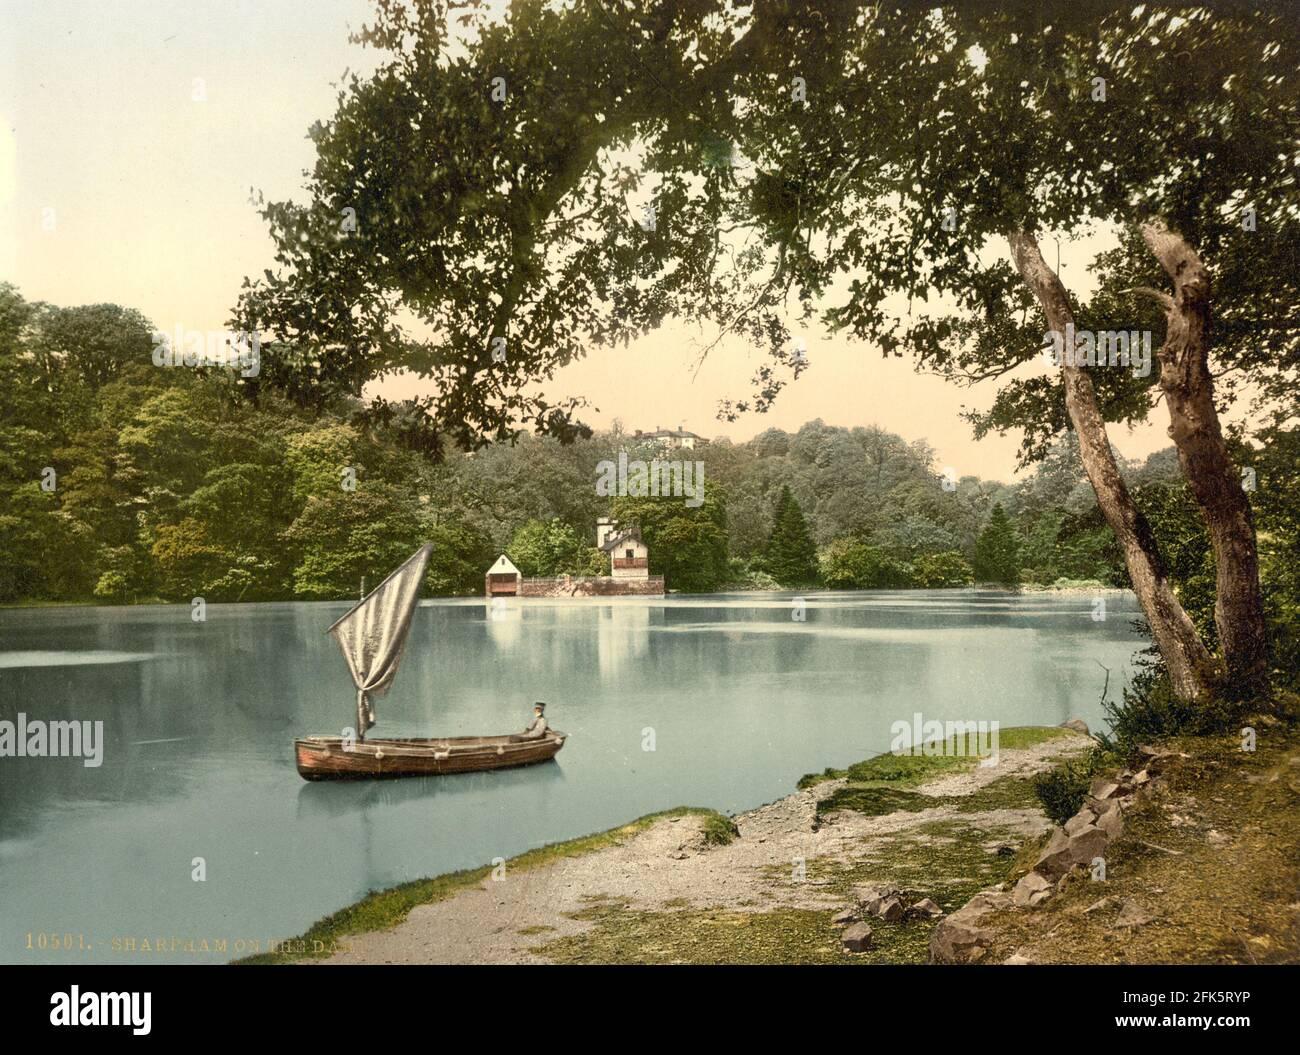 Sharpham en el río Dart en Devon alrededor de 1890-1900 Foto de stock